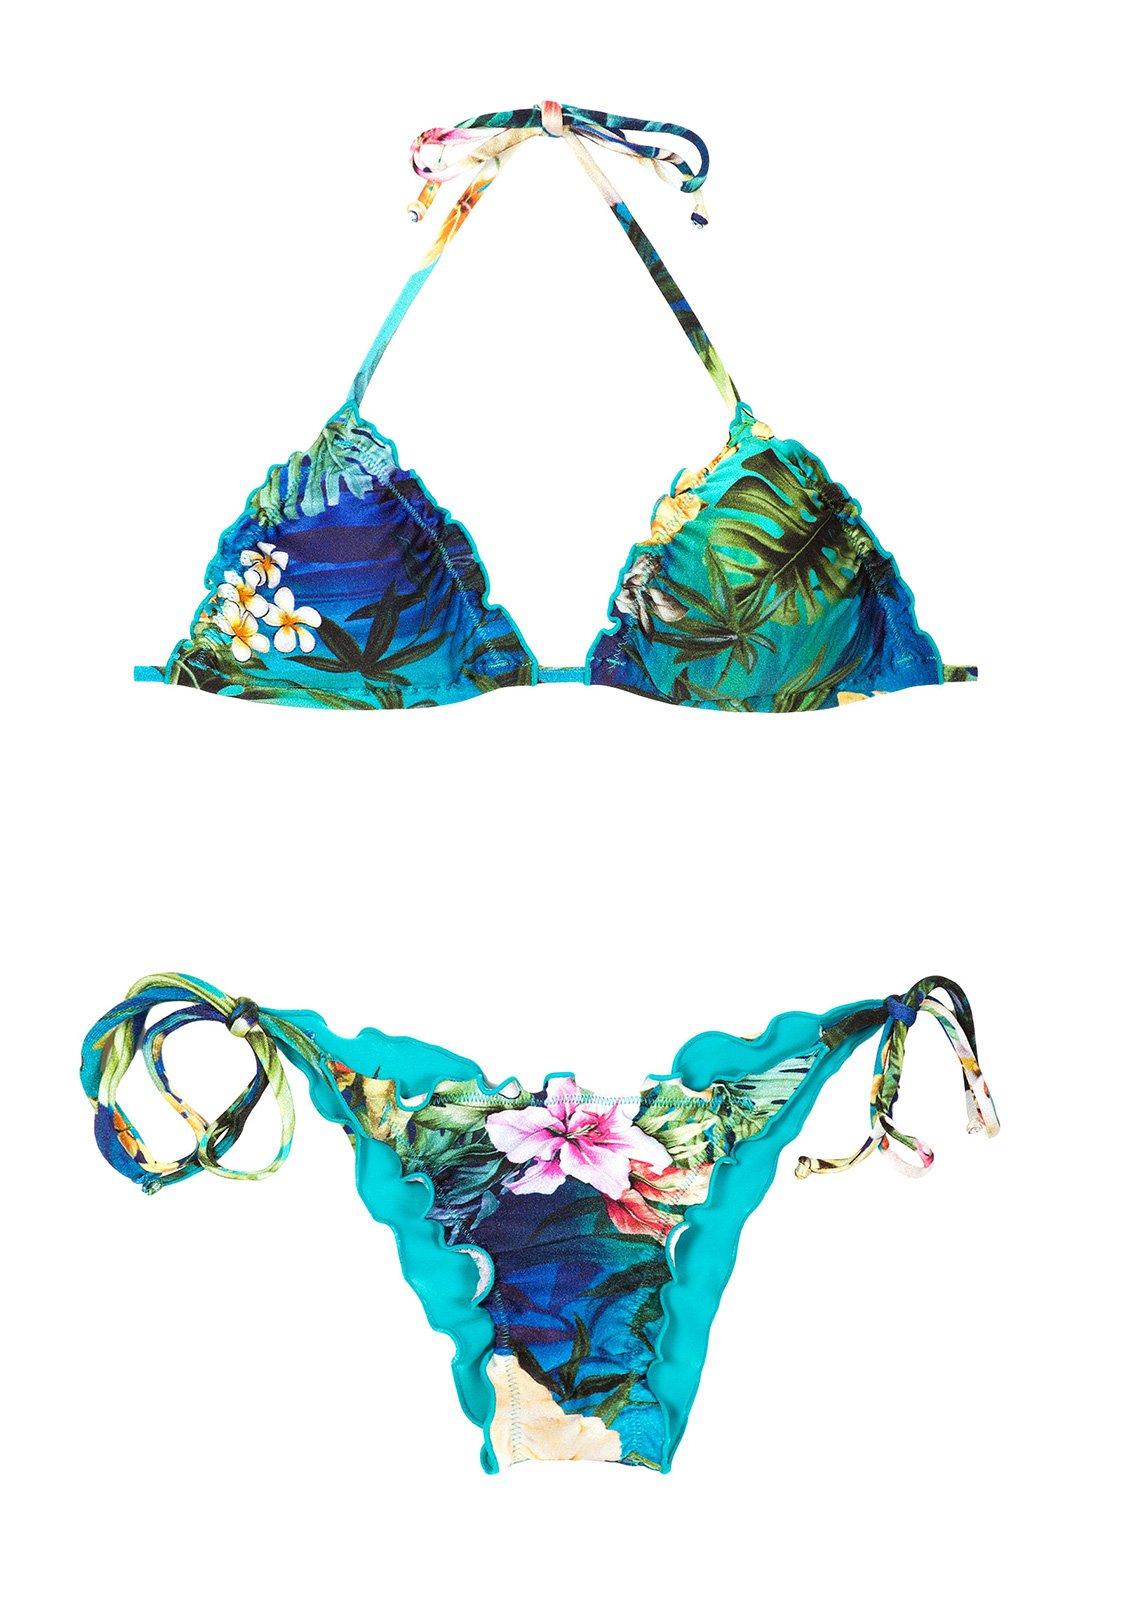 Bester Bikini für deinen Körpertyp